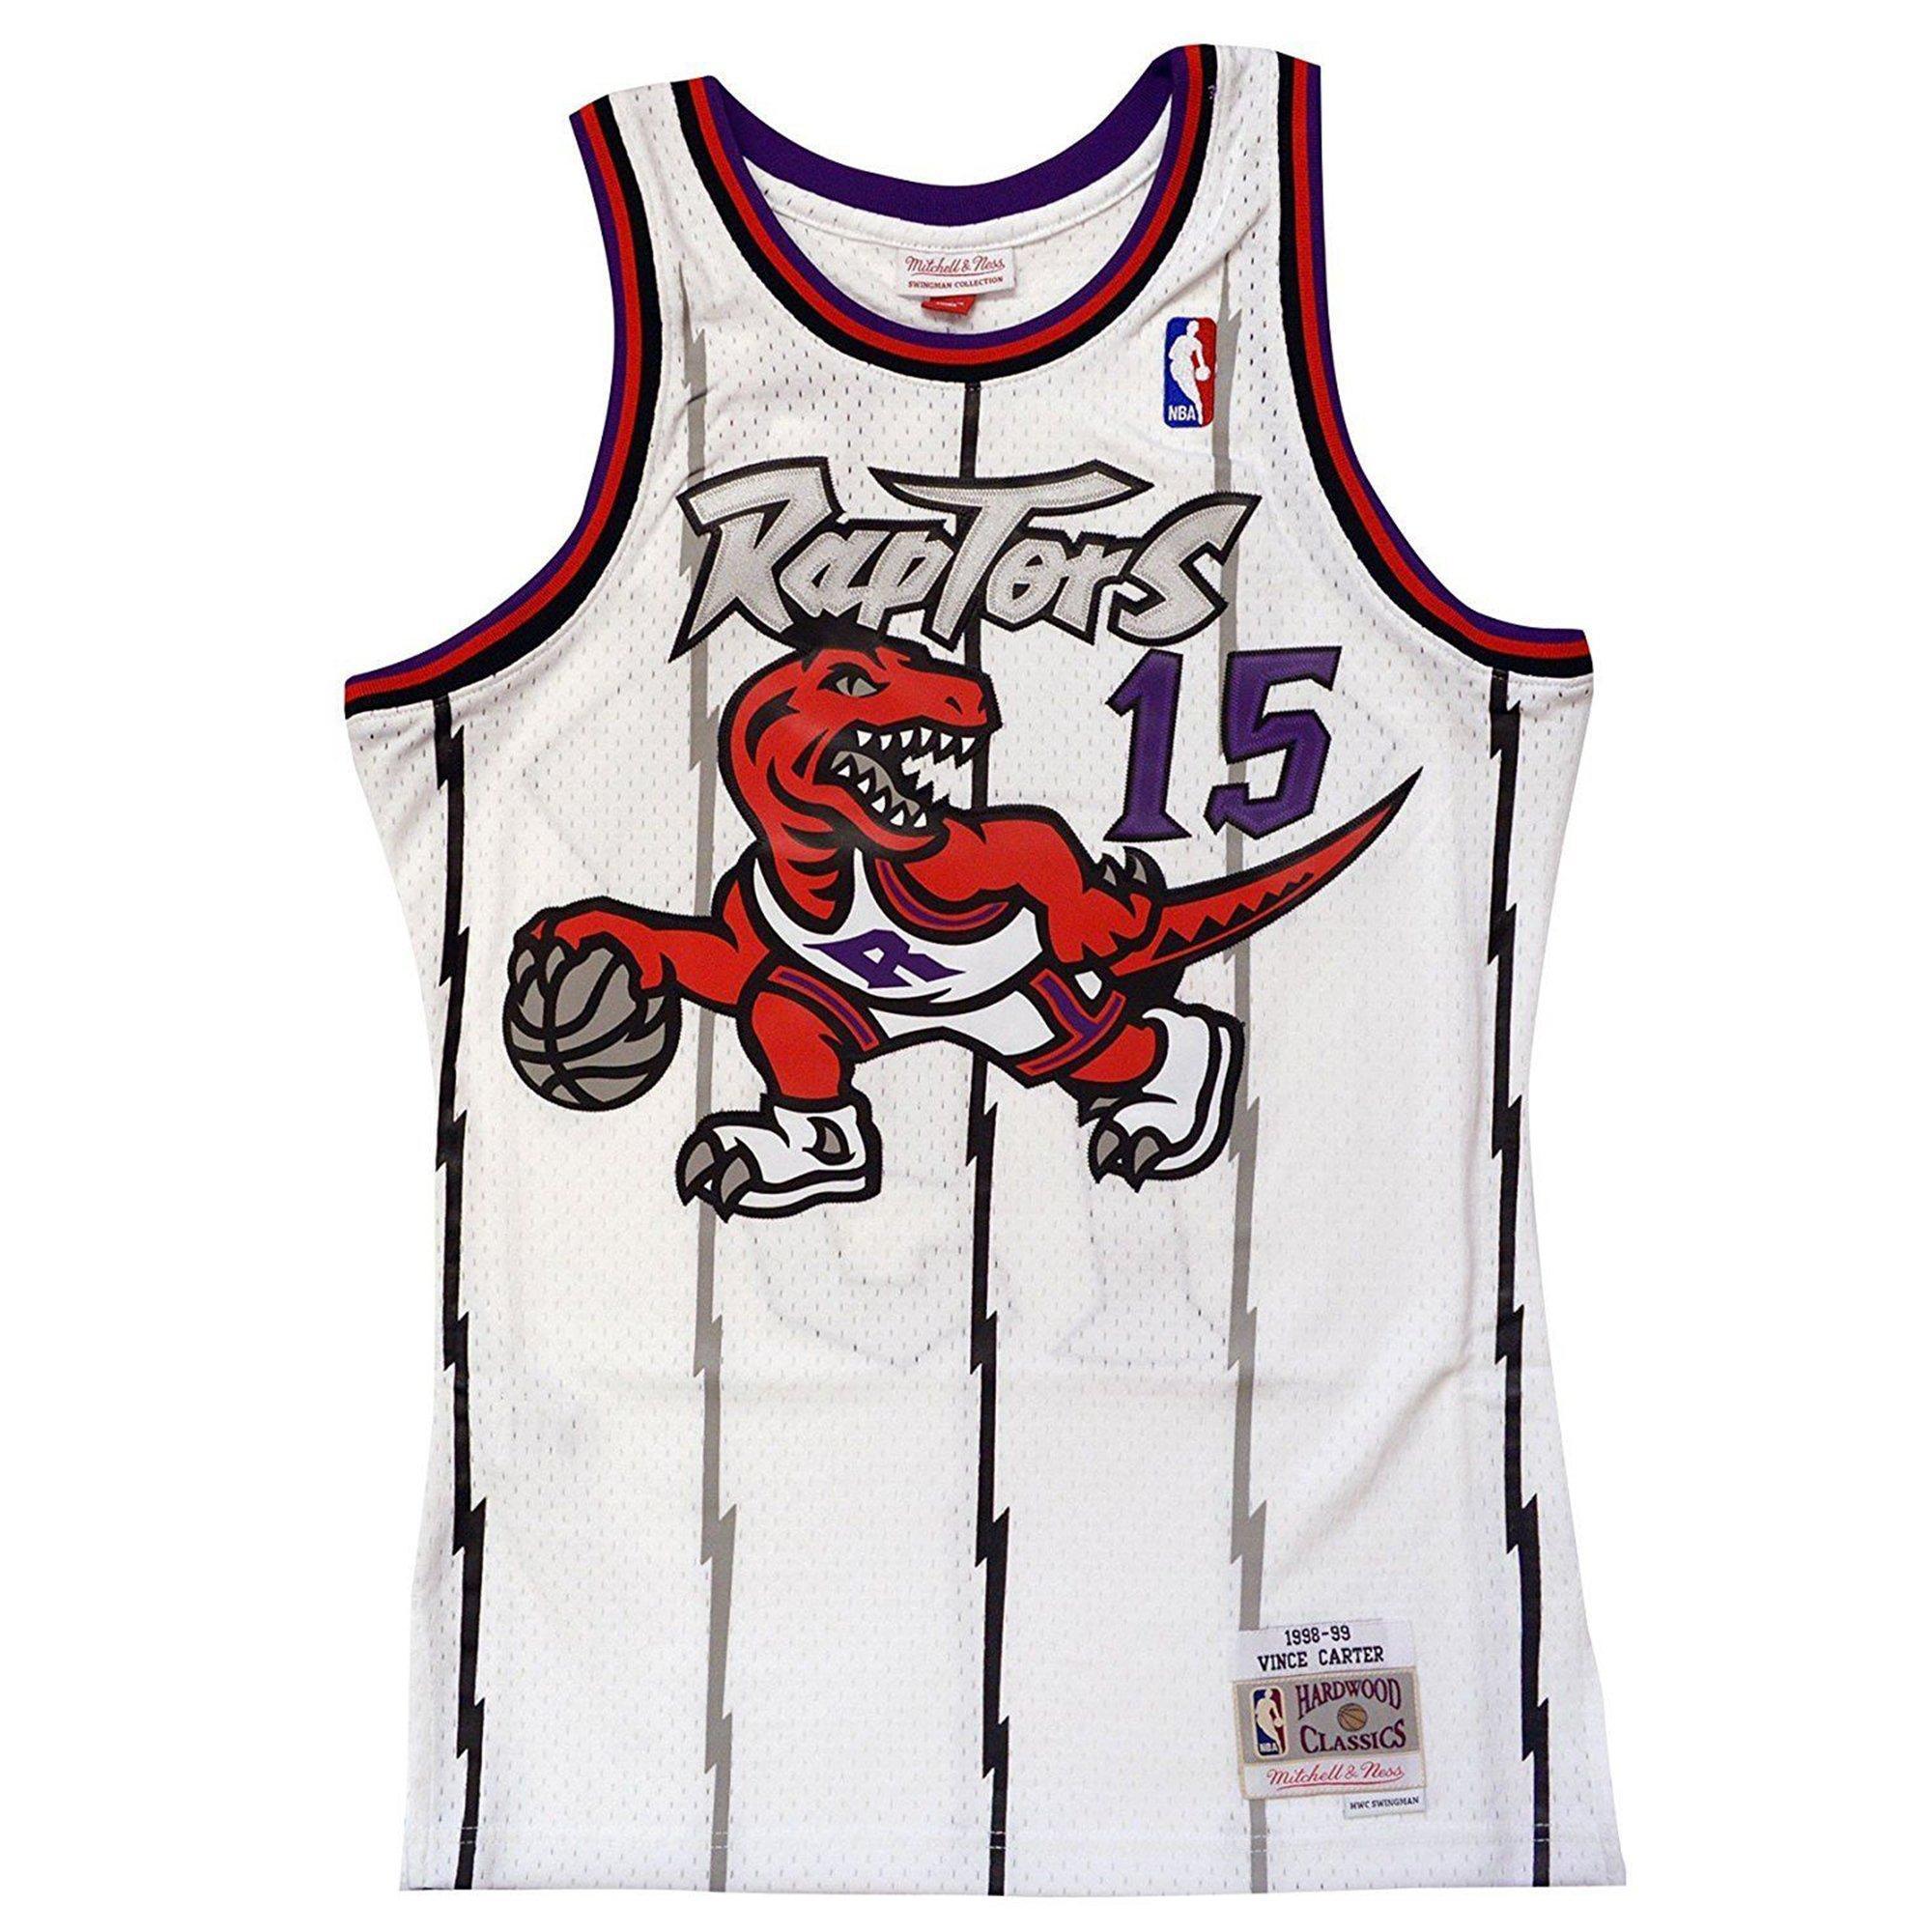 e1a70db4abd raptors swingman jersey